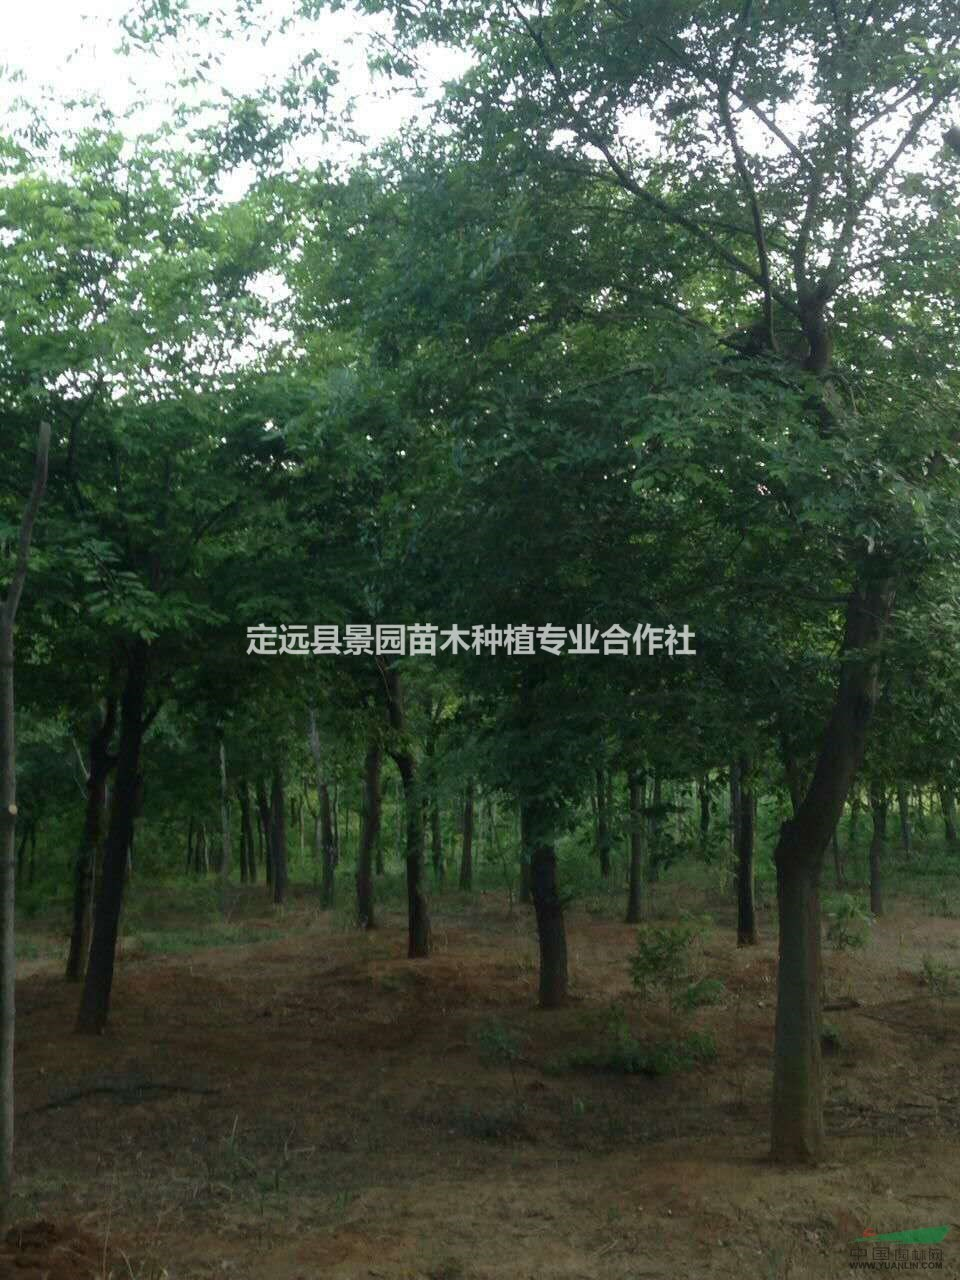 定远县景园苗木种植专业合作社